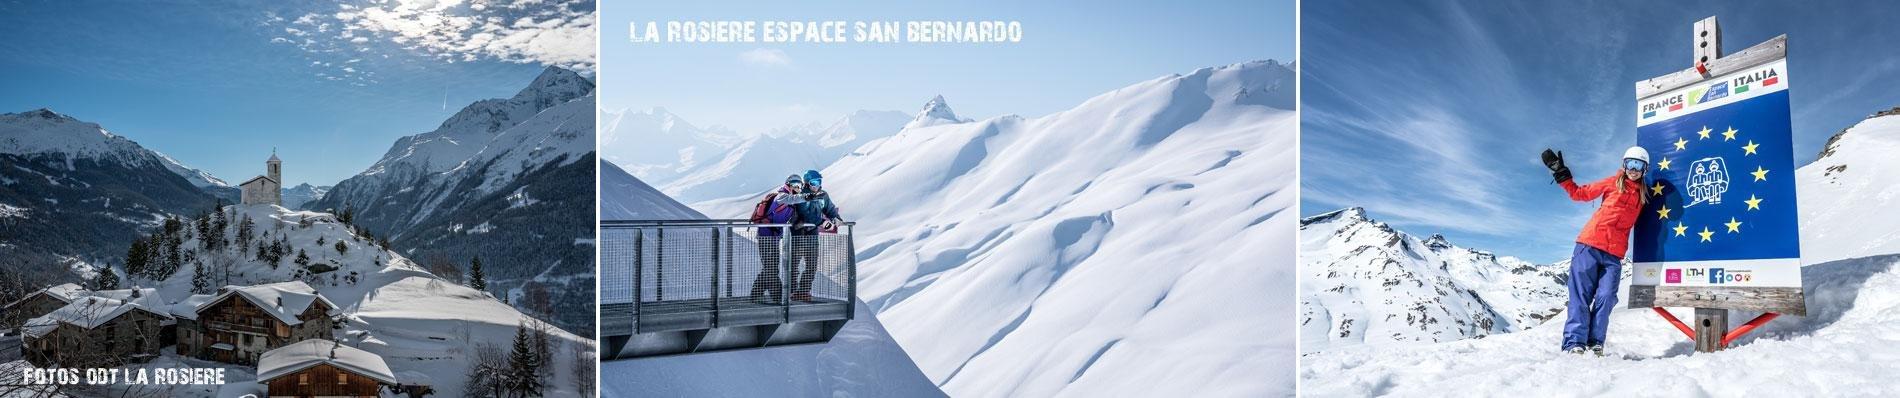 LA-ROSIERE ESPACE SAN BERNARDO